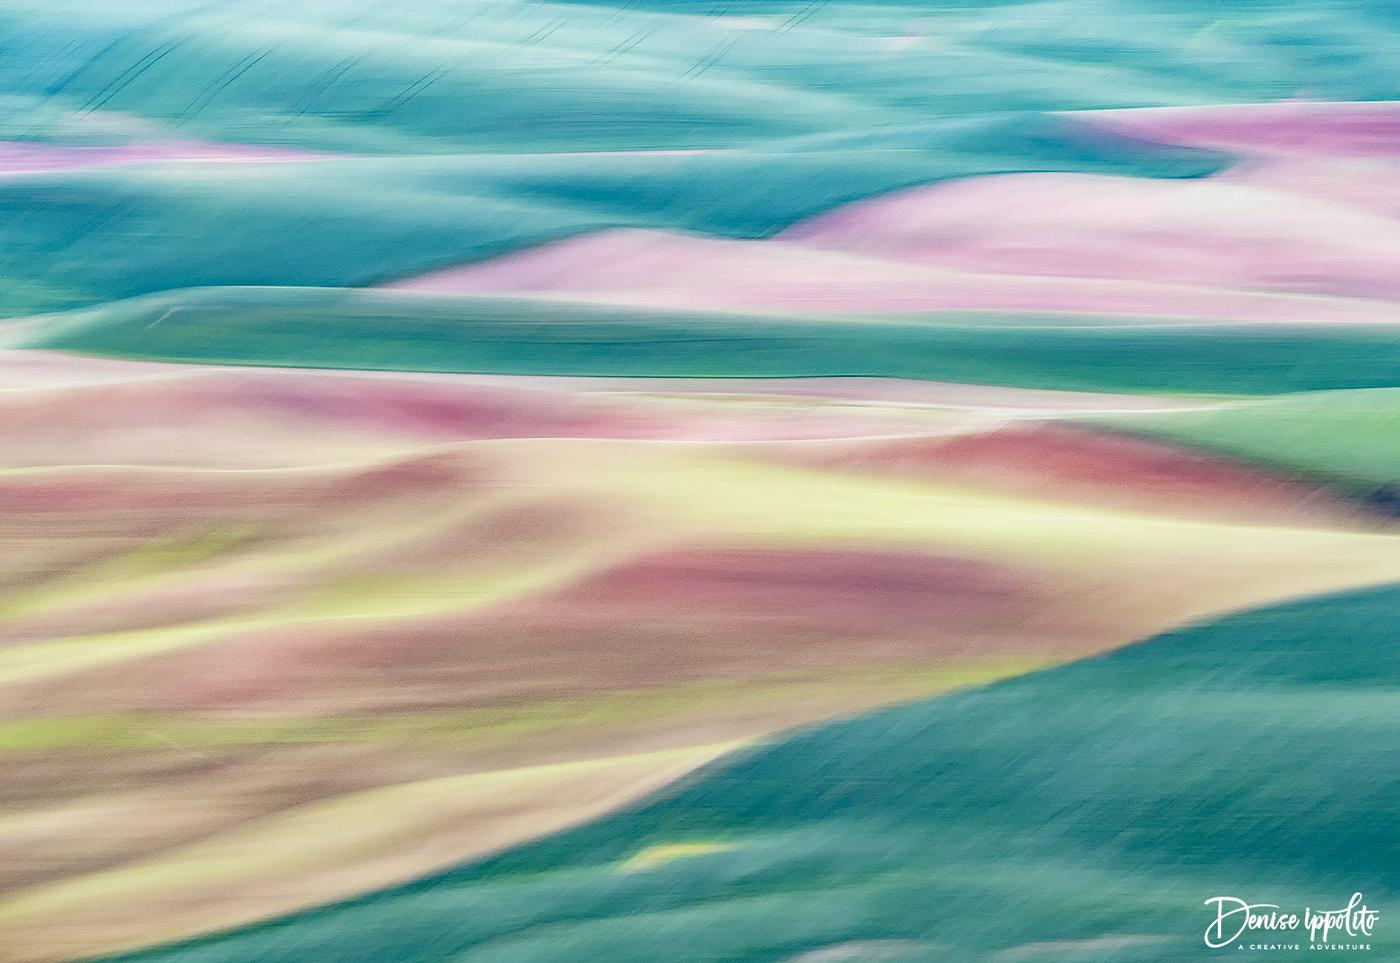 1/6 sec. pan blur